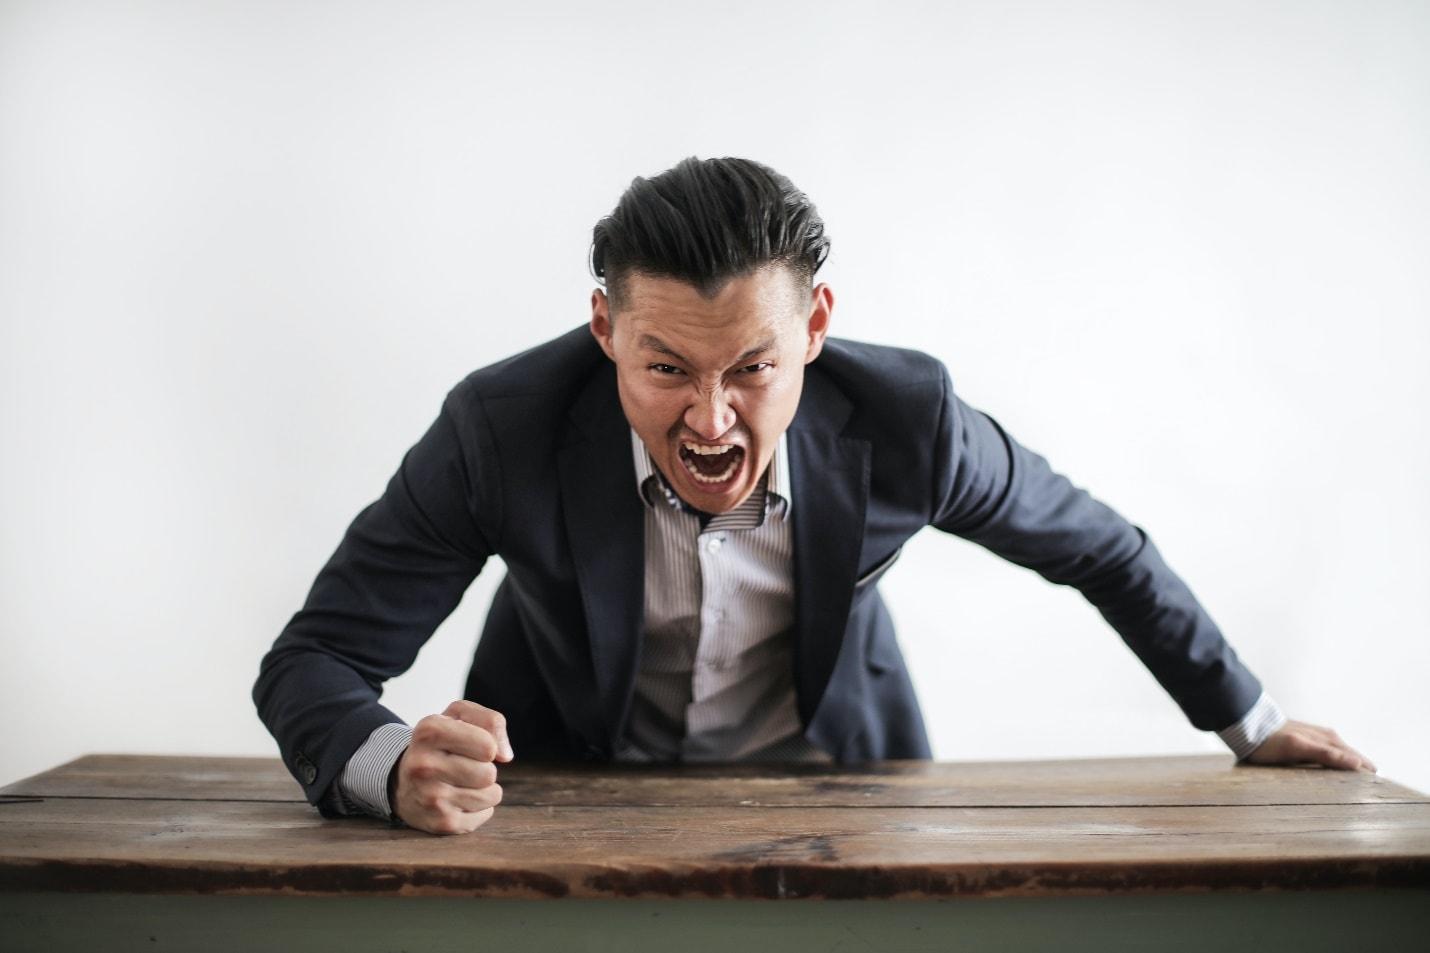 Man in suit screaming